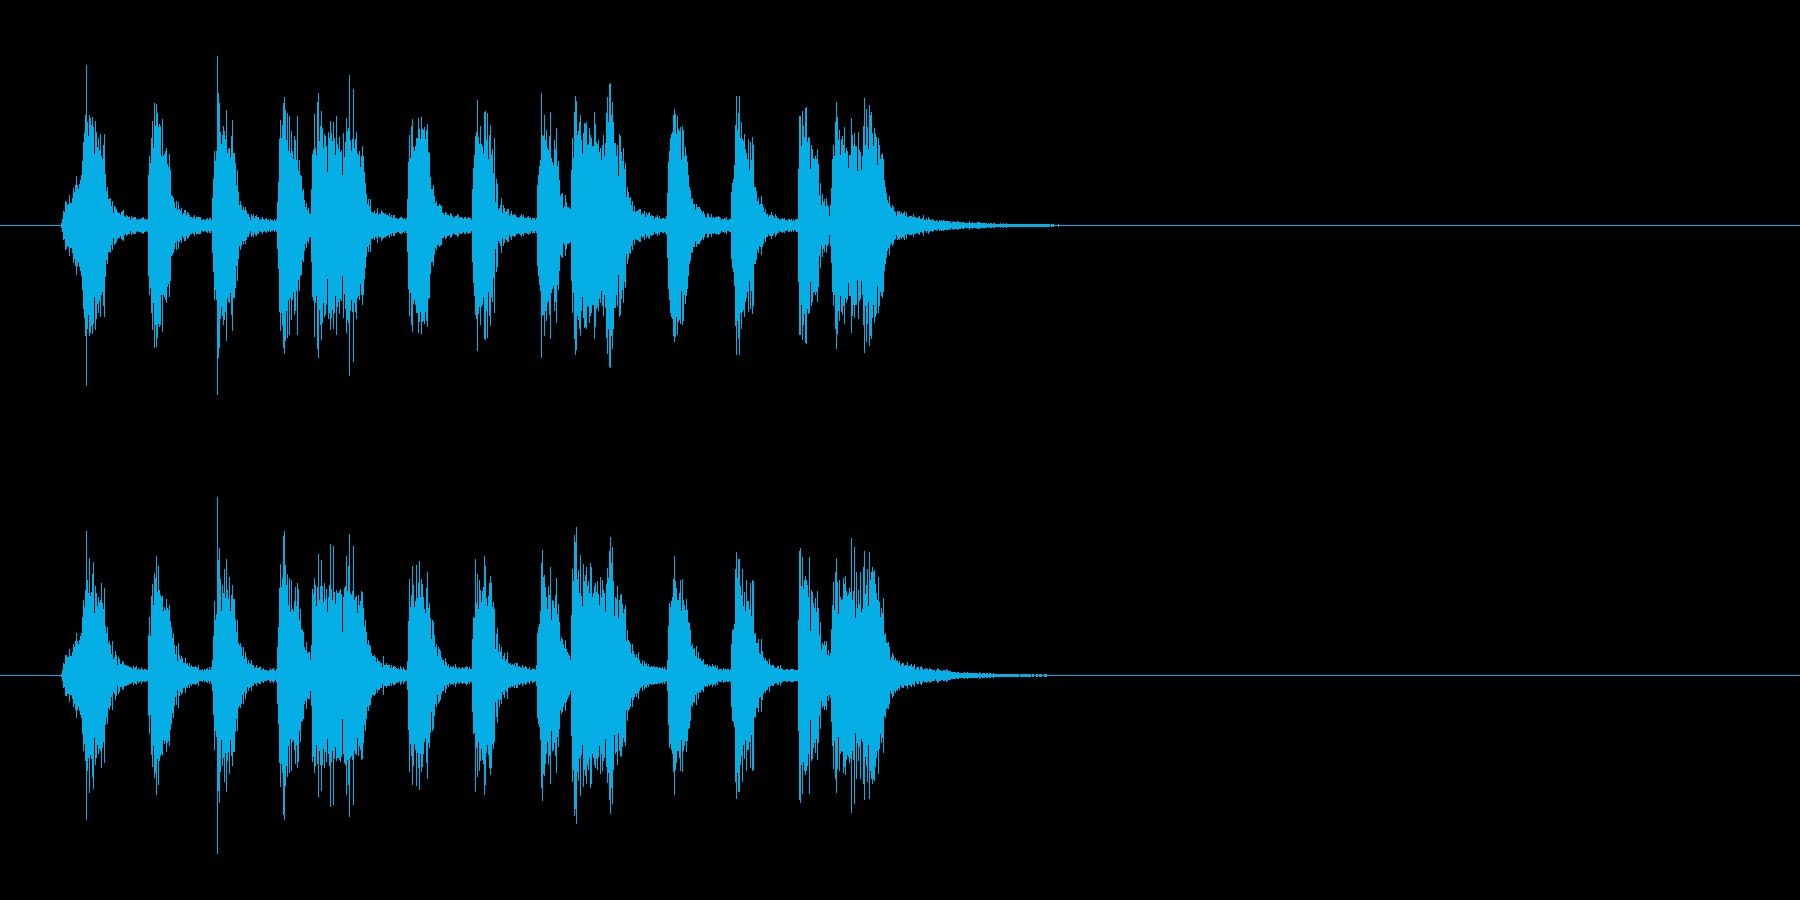 ジングル(タンゴ風)の再生済みの波形